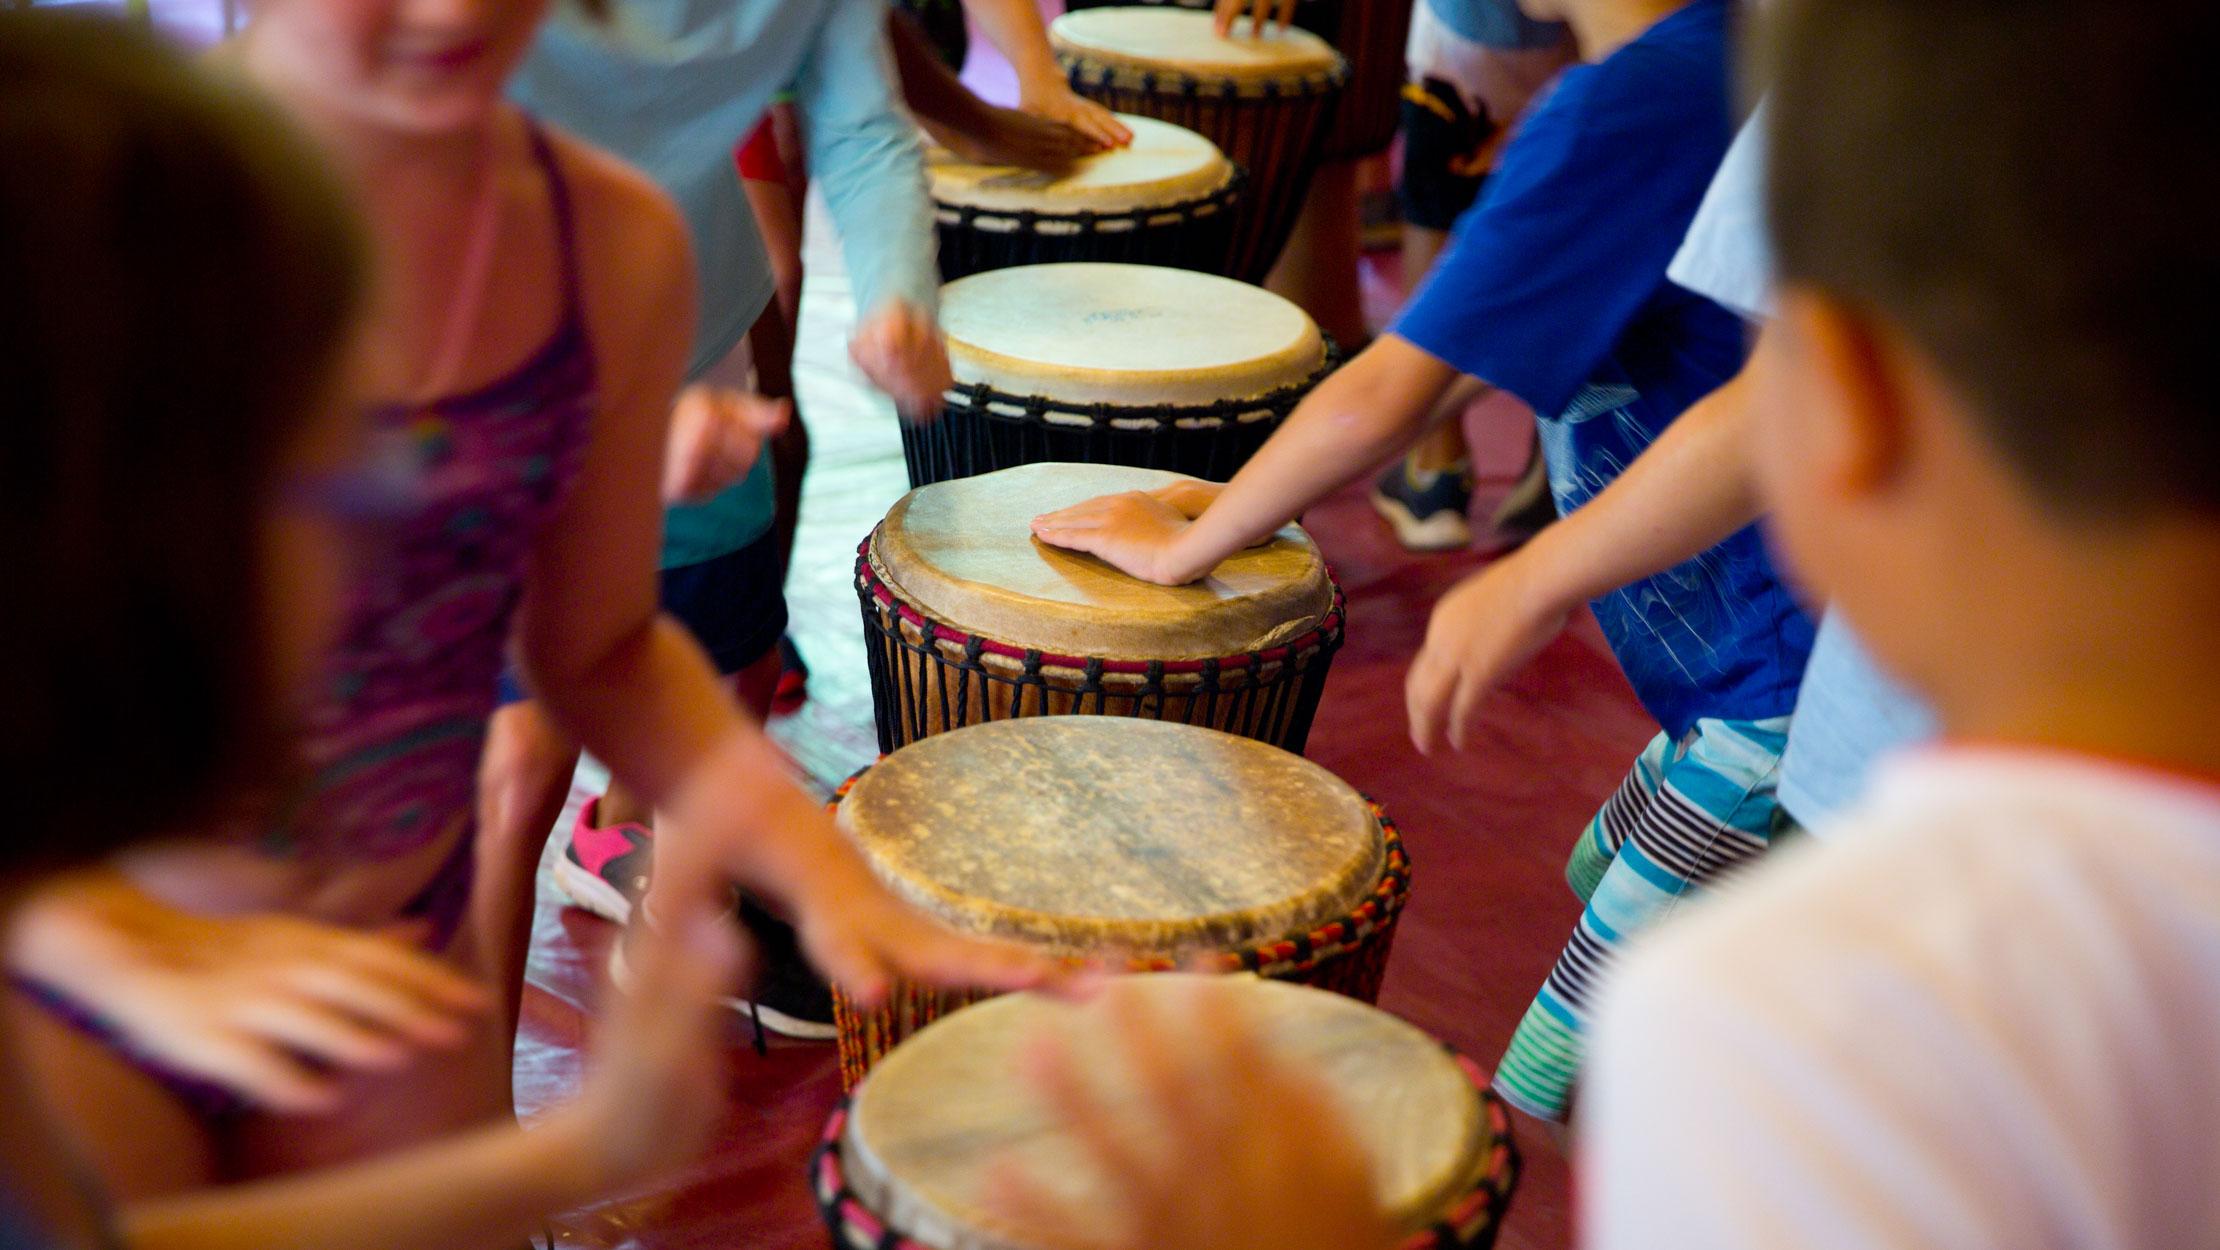 Campers drumming on drums